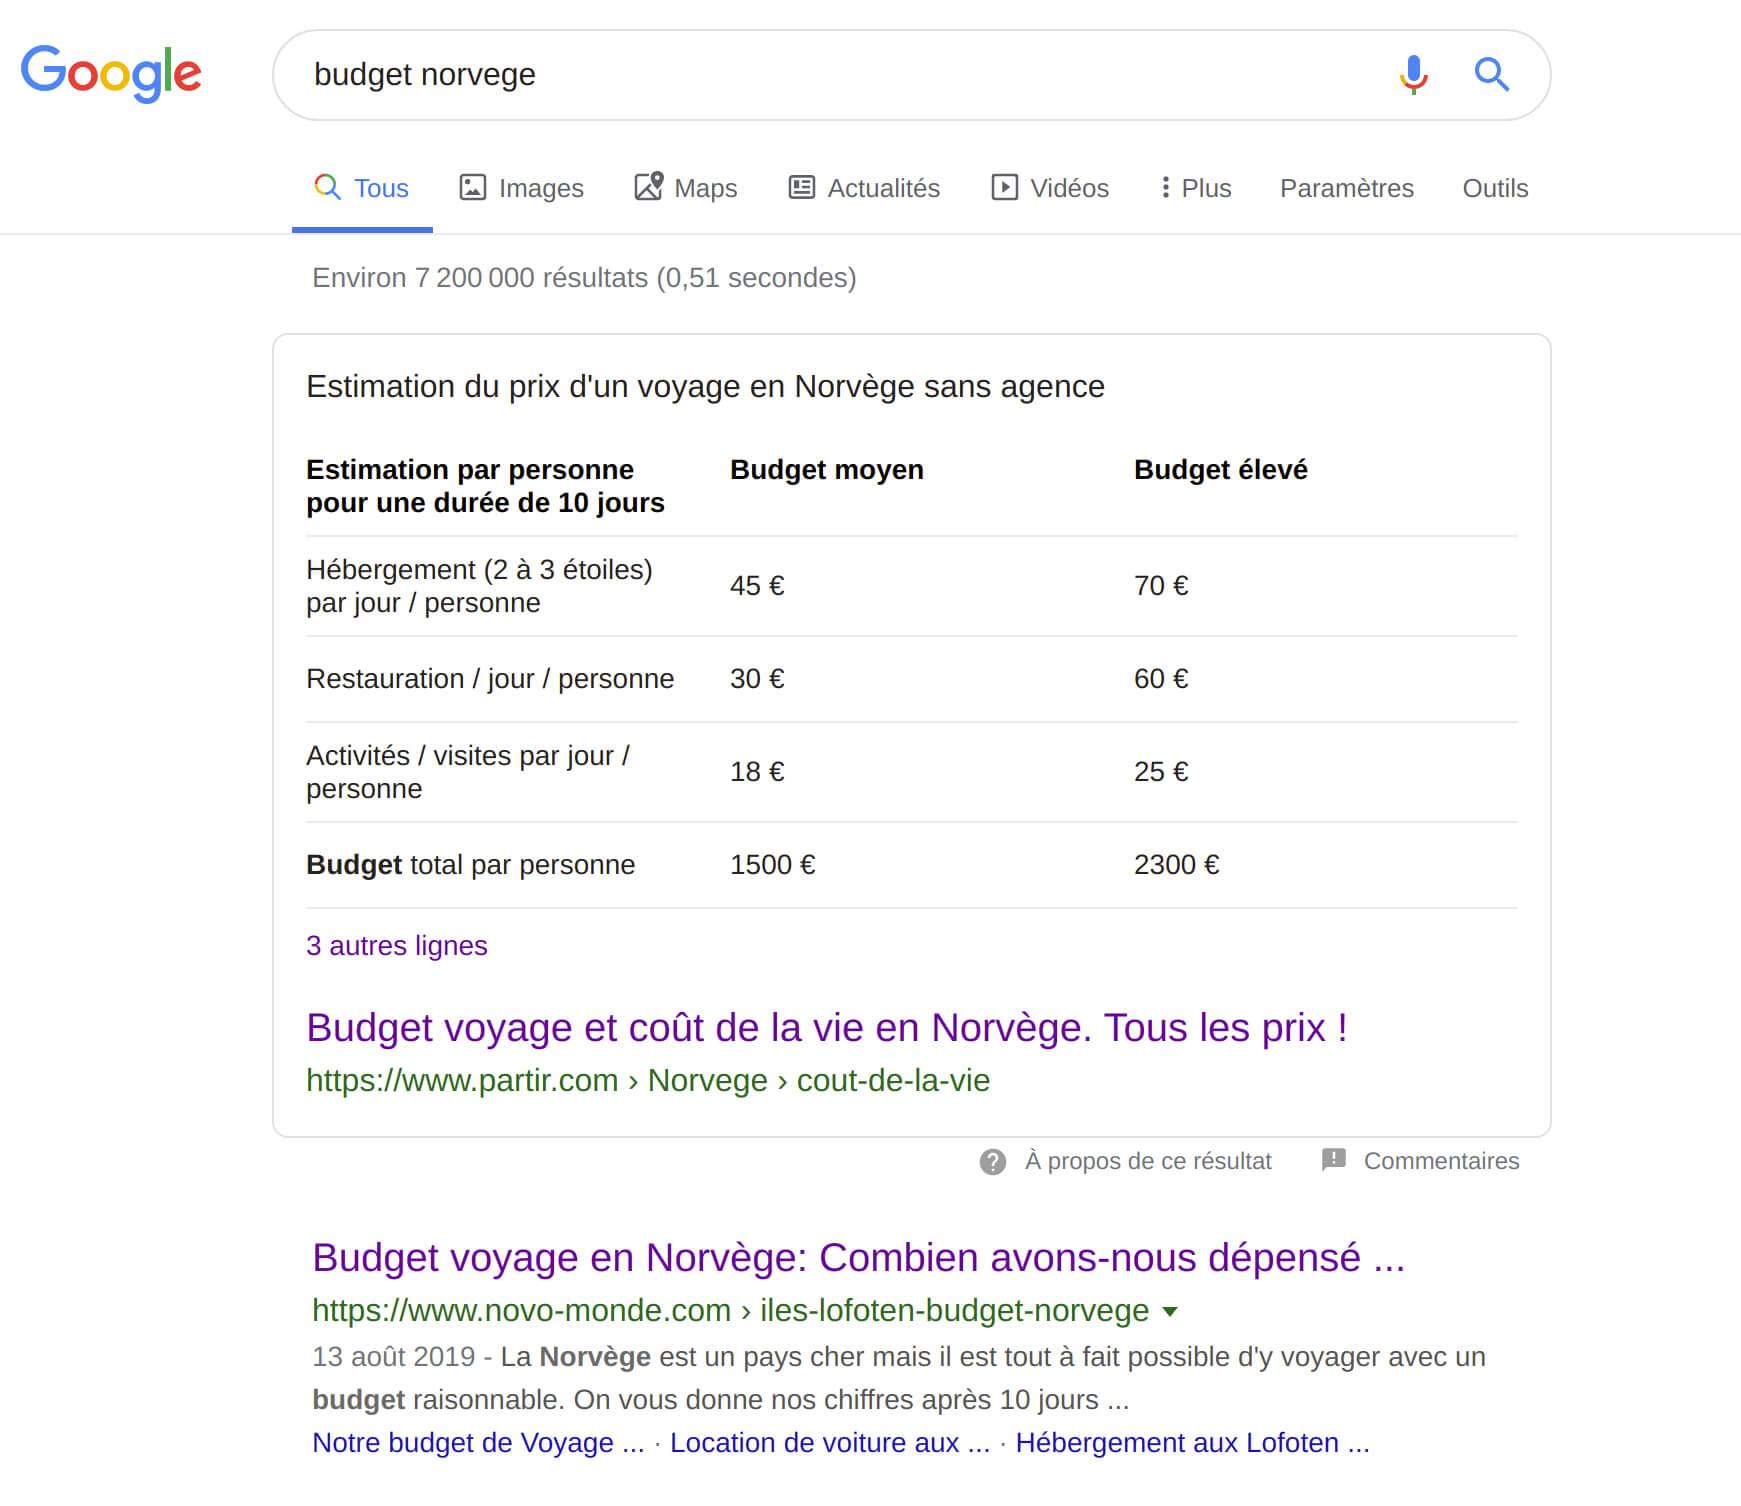 résultat de recherche pour la requête budget norvège